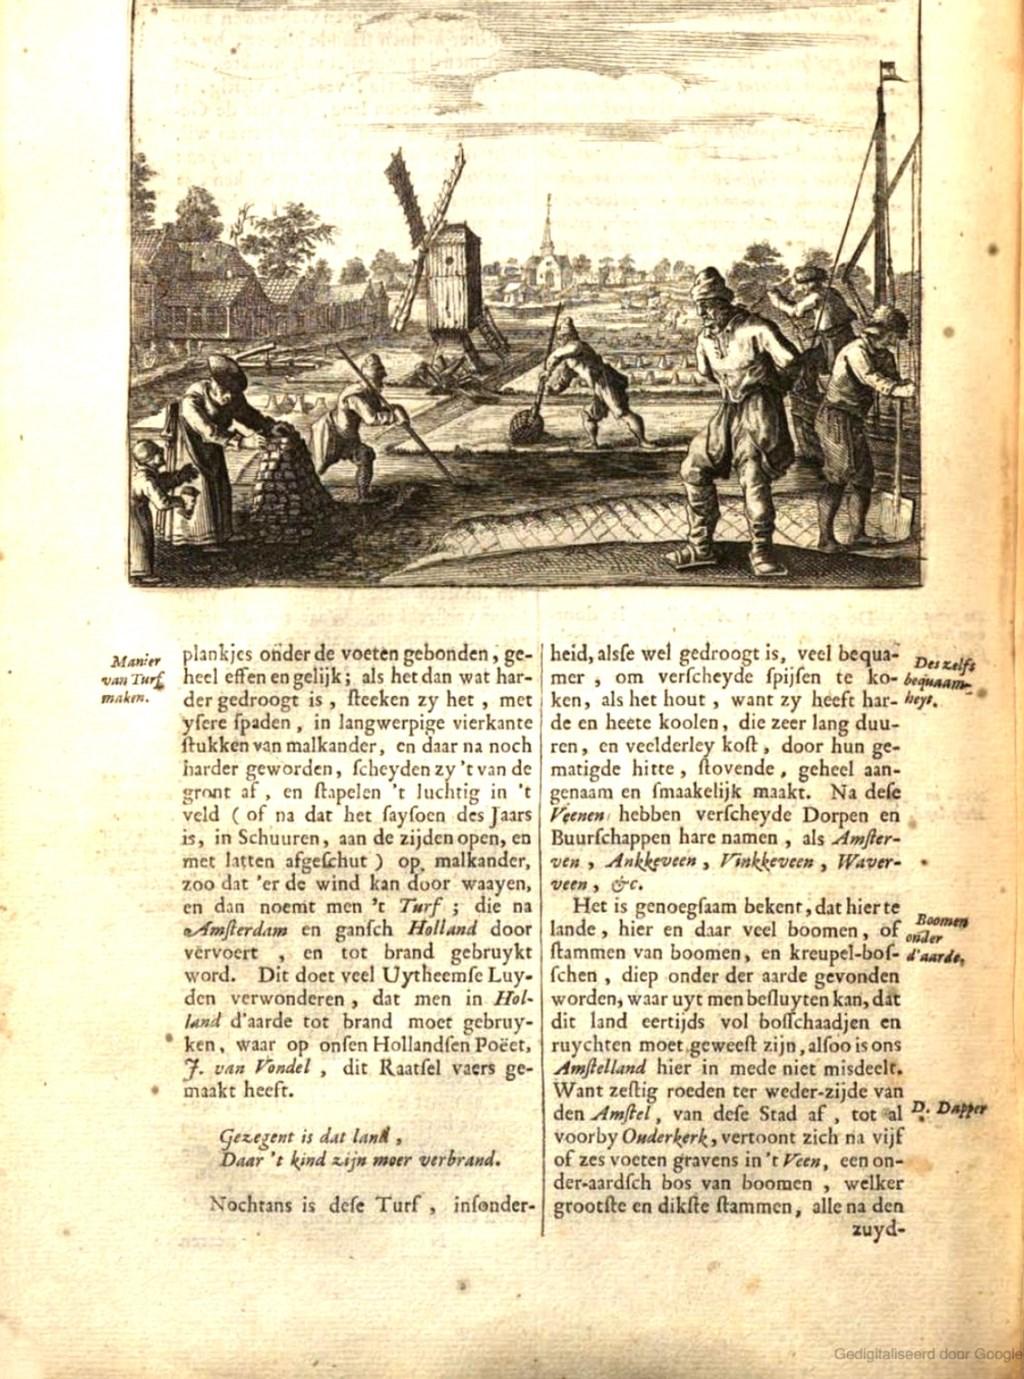 Boek uit 1694 van Casparus Commelin. Wolfgerus van Aemstel © BDU media